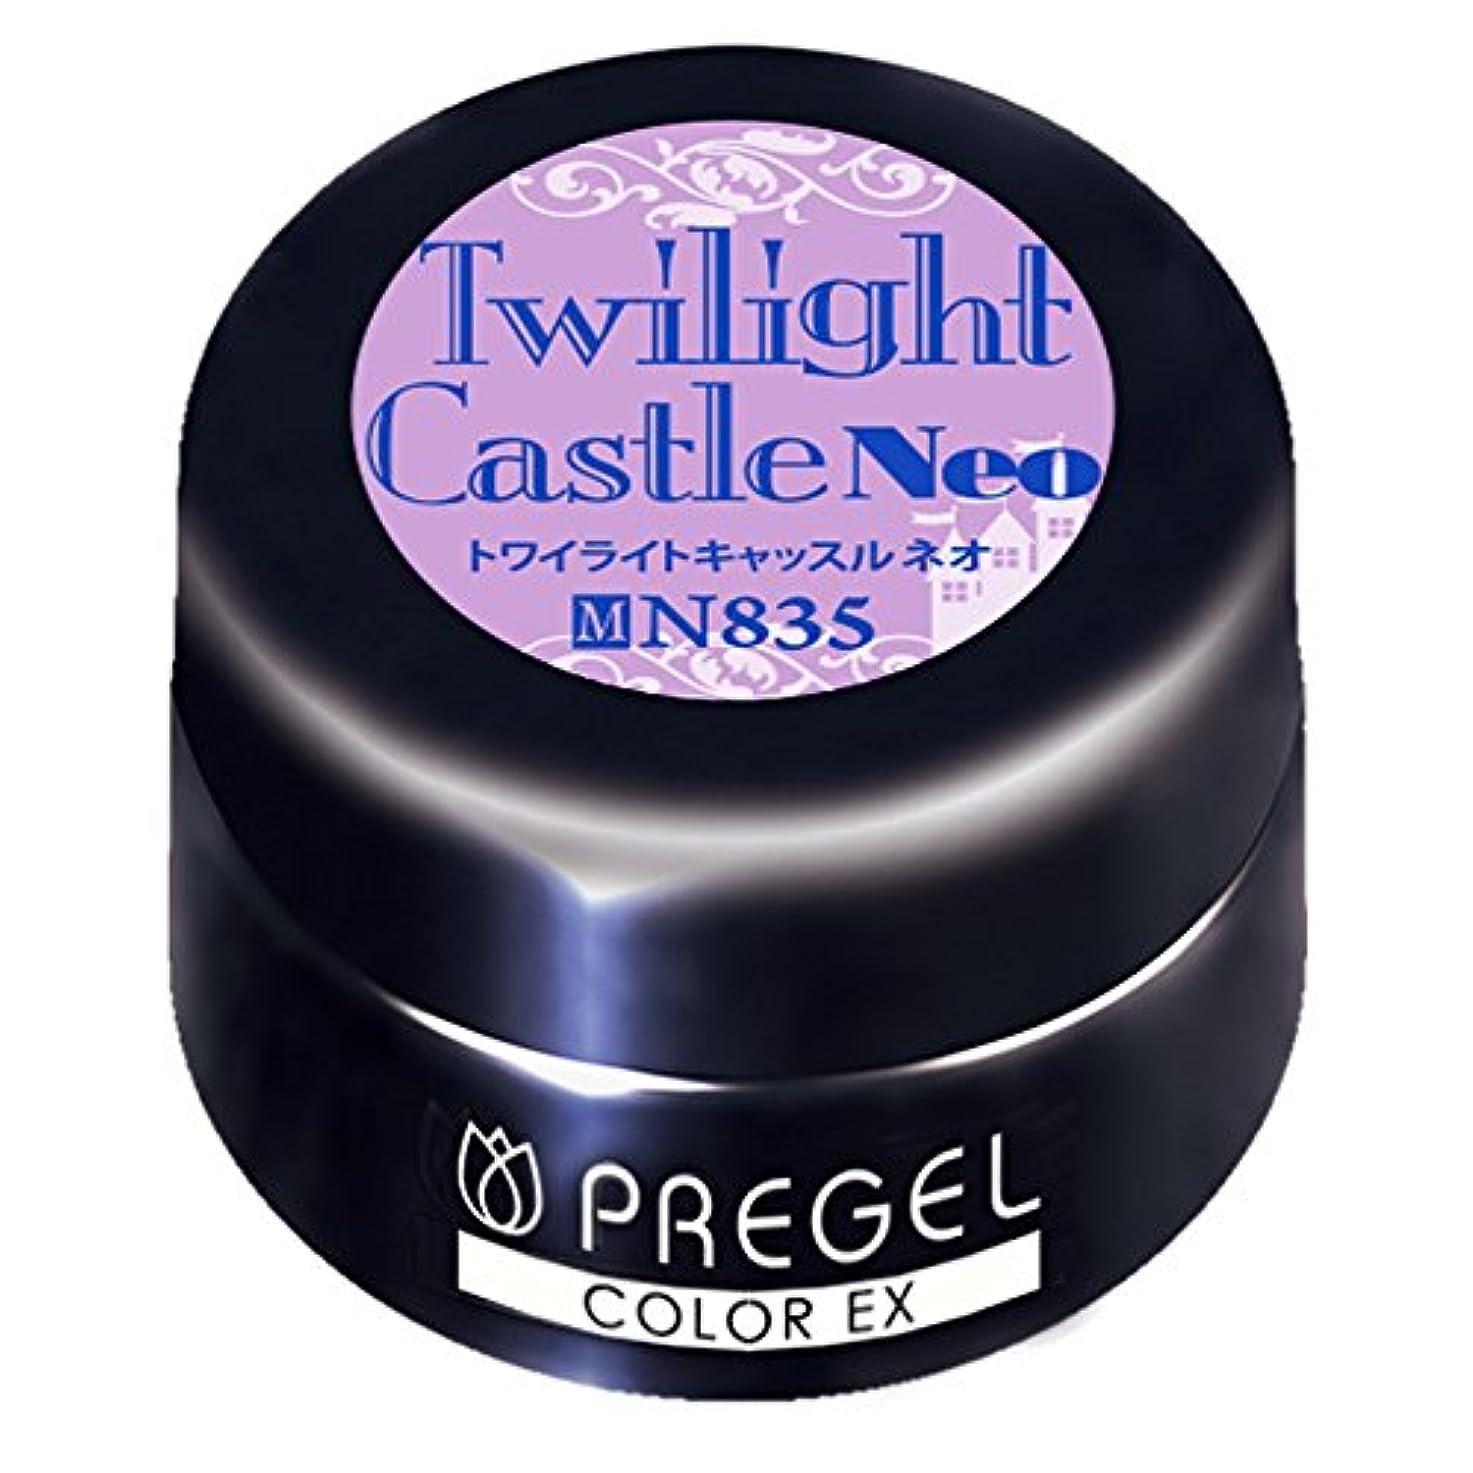 PRE GEL カラーEX トワイライトキャッスルneo835 3g UV/LED対応